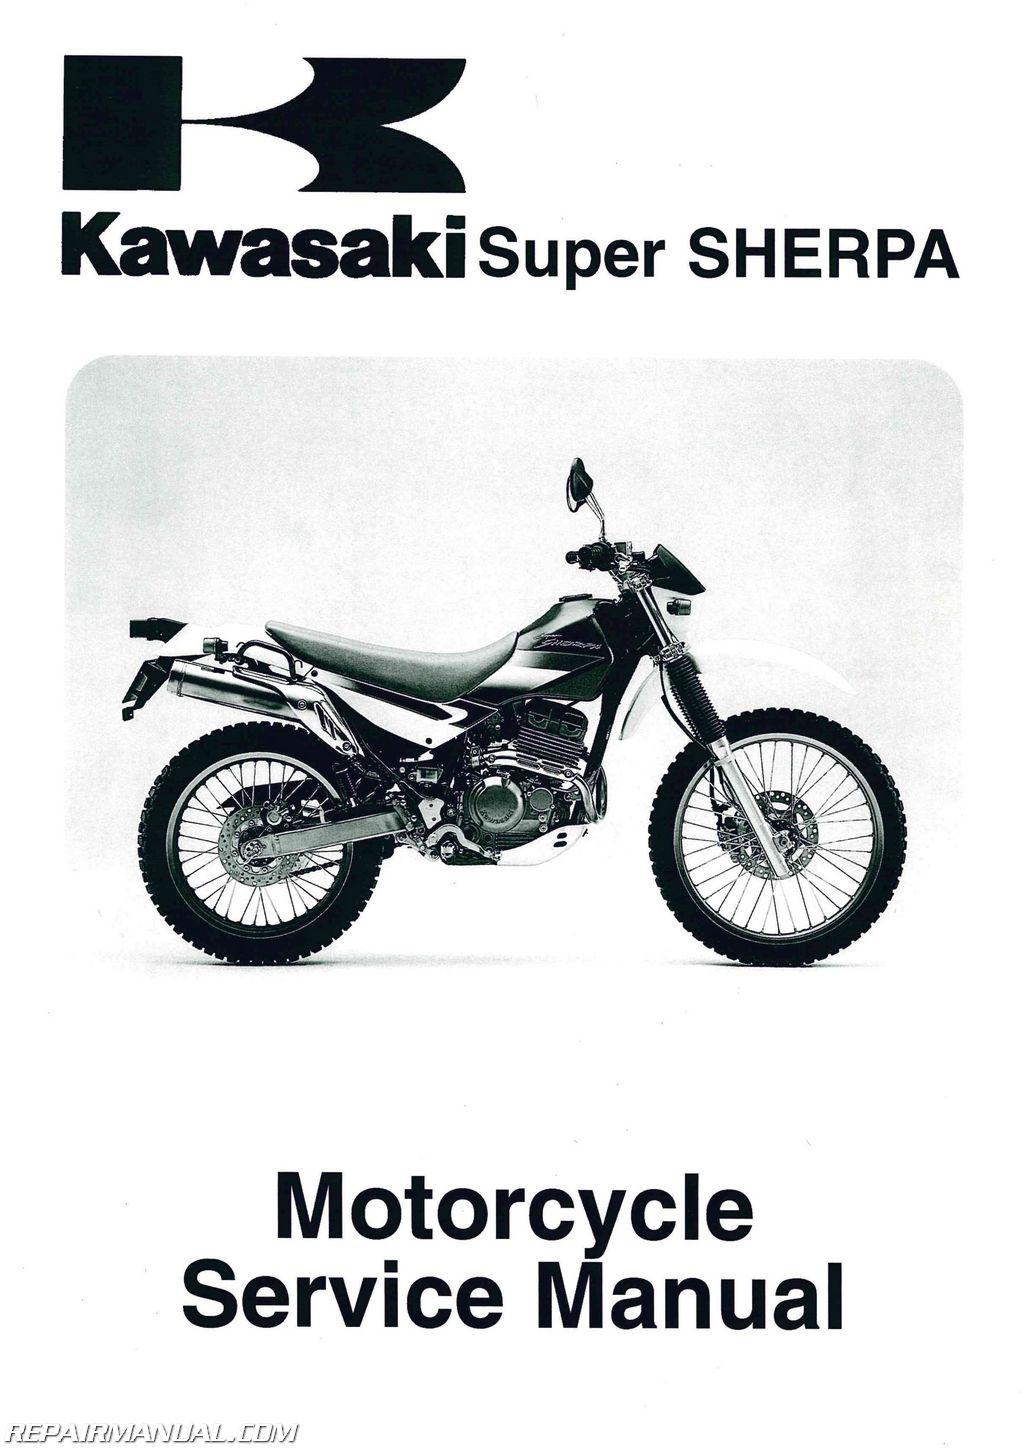 1997 2010 kawasaki kl250g super sherpa motorcycle service manual rh repairmanual com kawasaki super sherpa service manual kl250 super sherpa manual